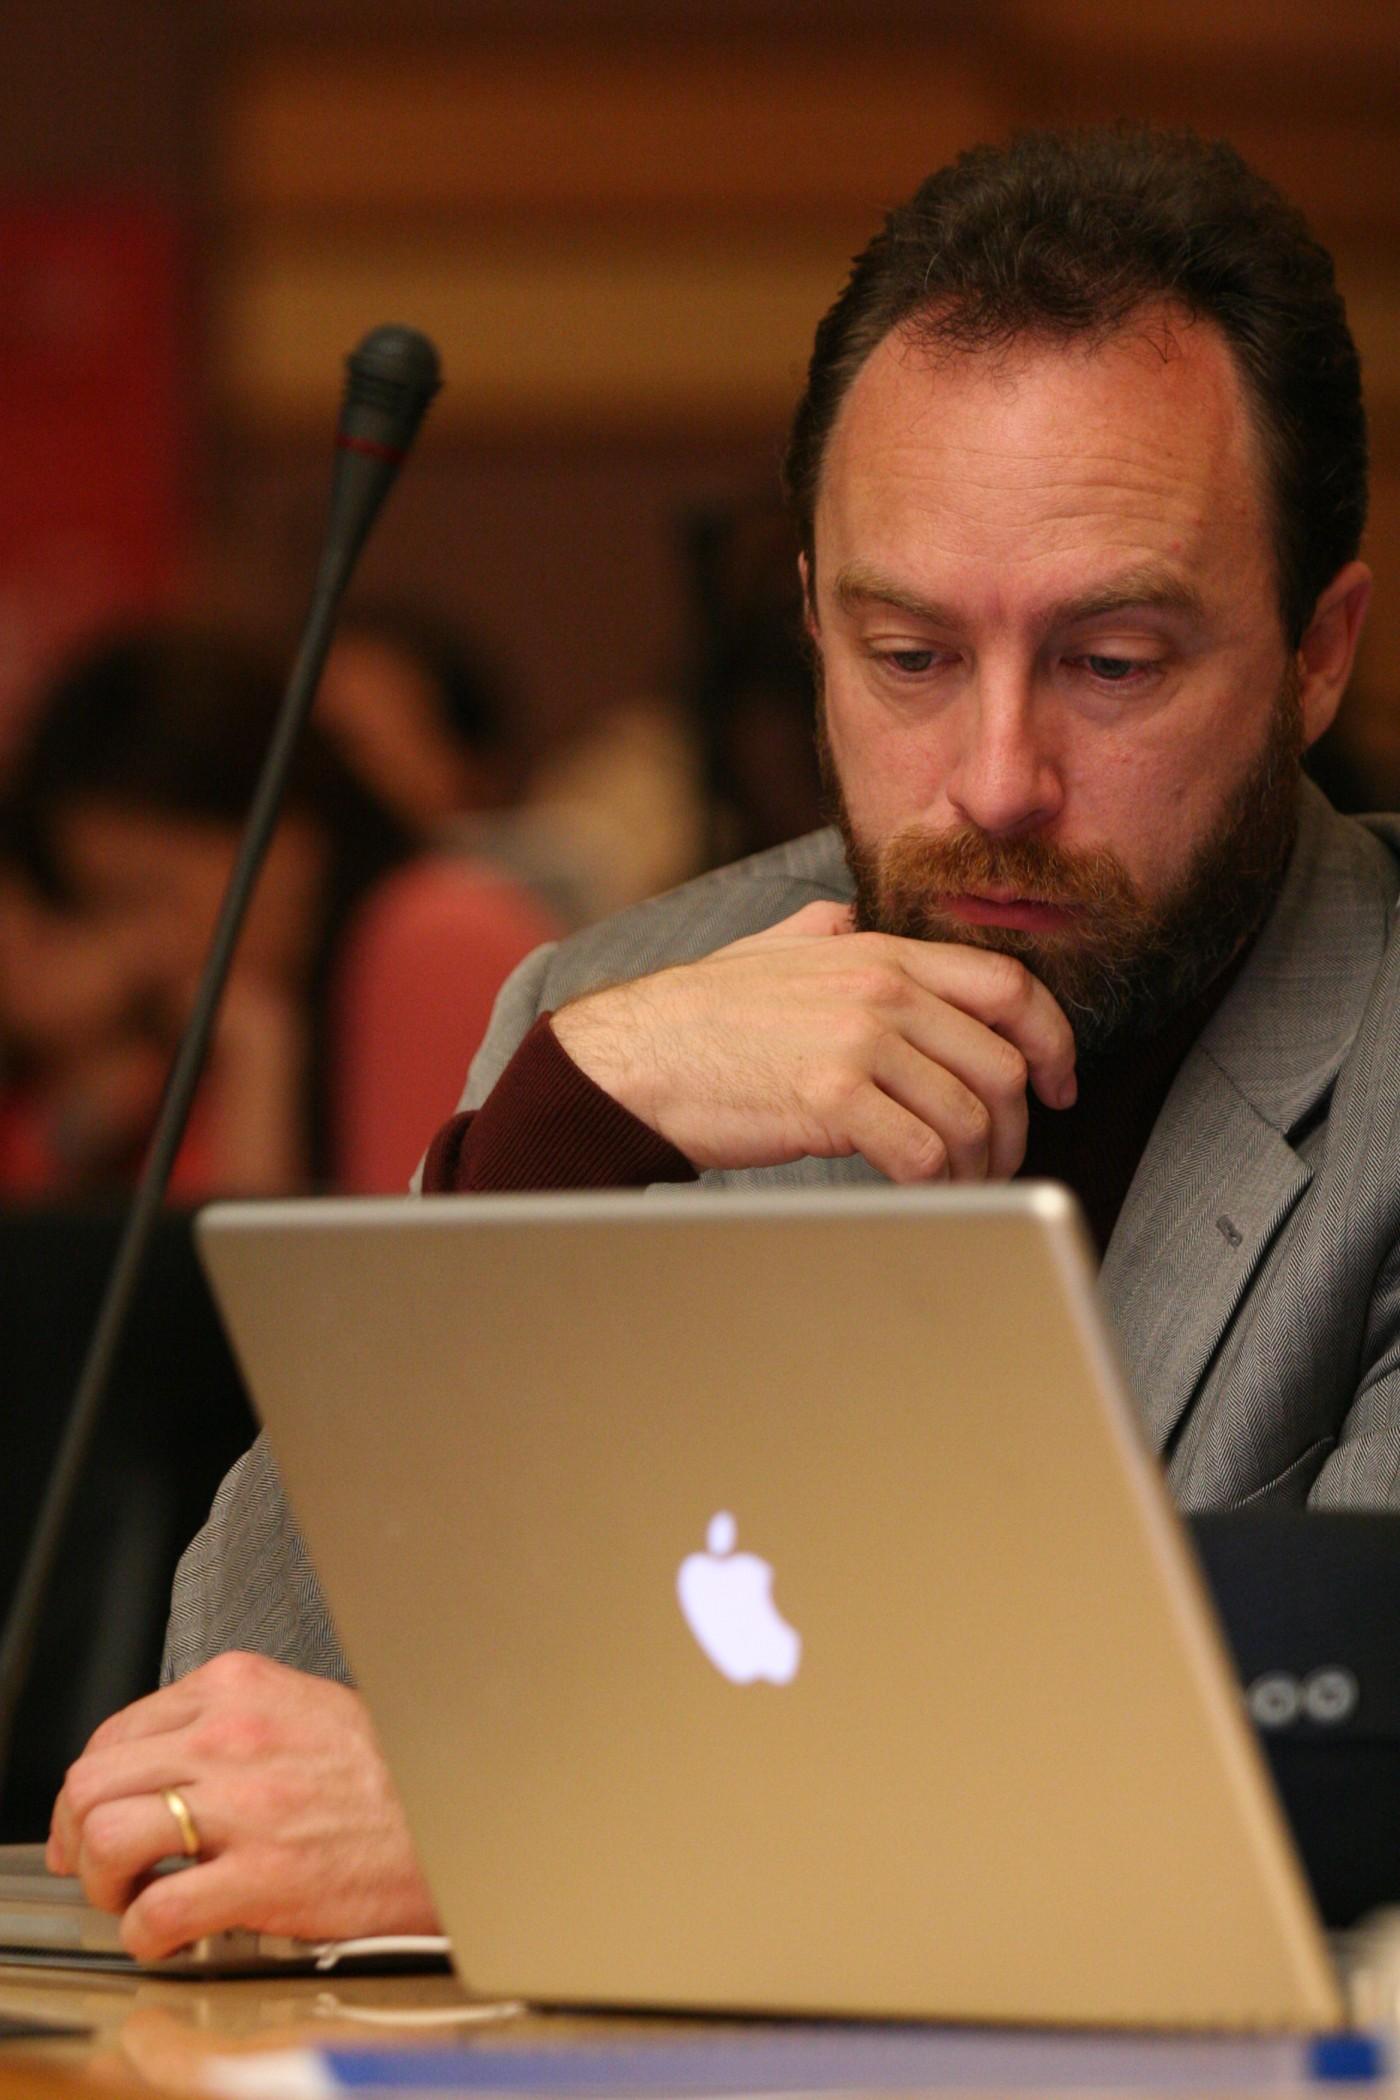 网络老兵维基创办人 Jimmy Wales 不死,再战 2018 科技趋势<p></p>Jimmy Wales